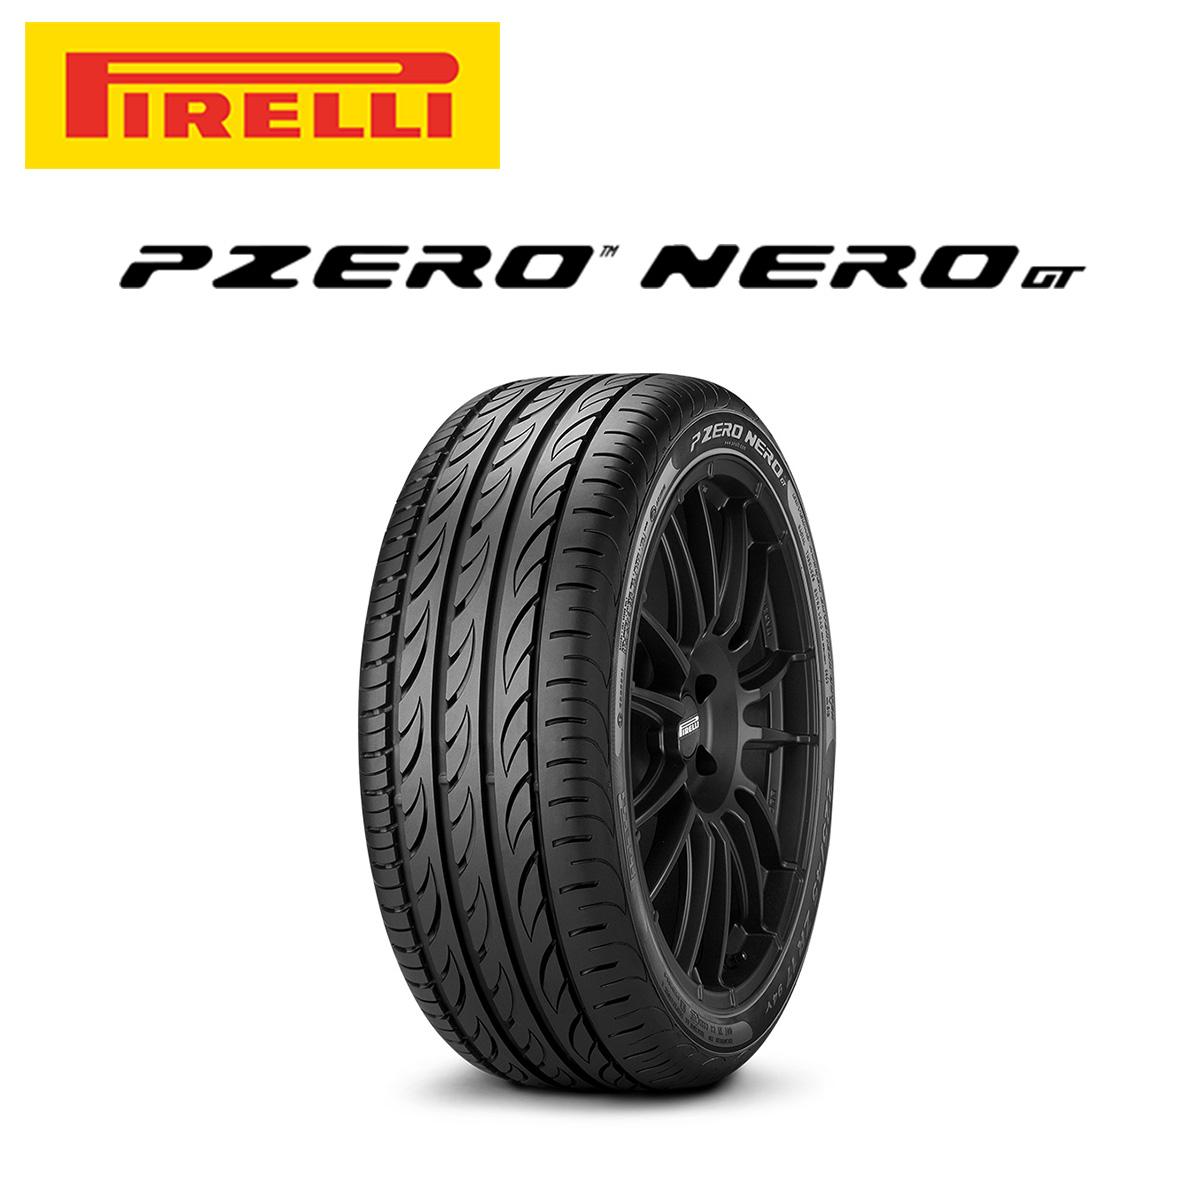 ピレリ PIRELLI P ZERO NERO GT ピーゼロネロ ジーティ 21インチ サマー タイヤ 4本 セット 305/30ZR21 104Y XL EXTRA LOAD規格 ロープロファイルタイヤシリーズ 2386500